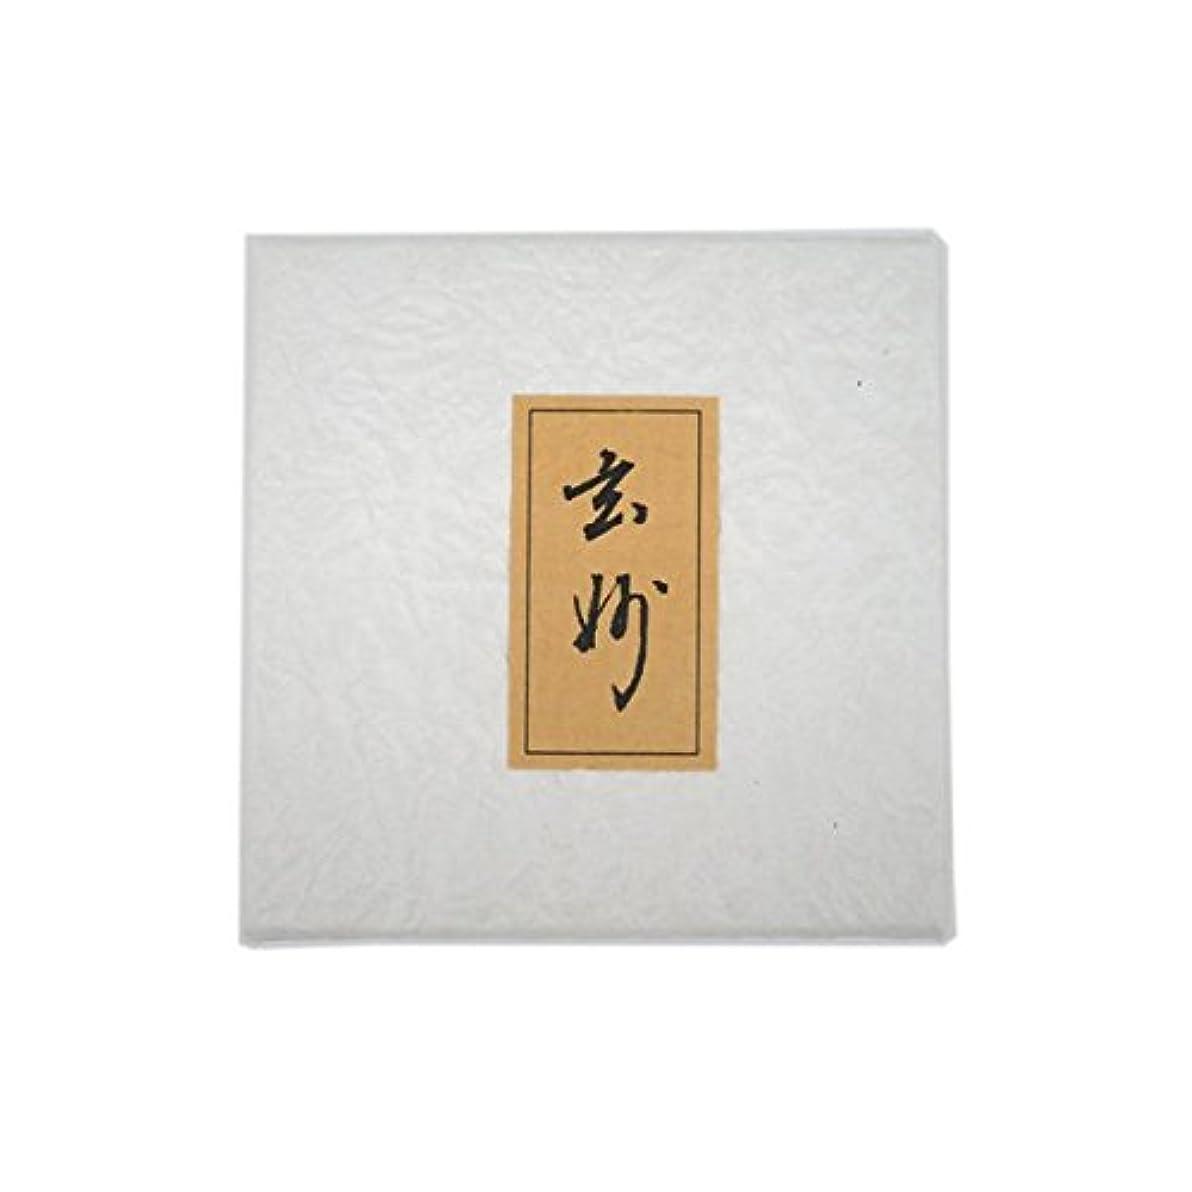 インデックス伝導率マントル玄妙 紙箱入(壷入)